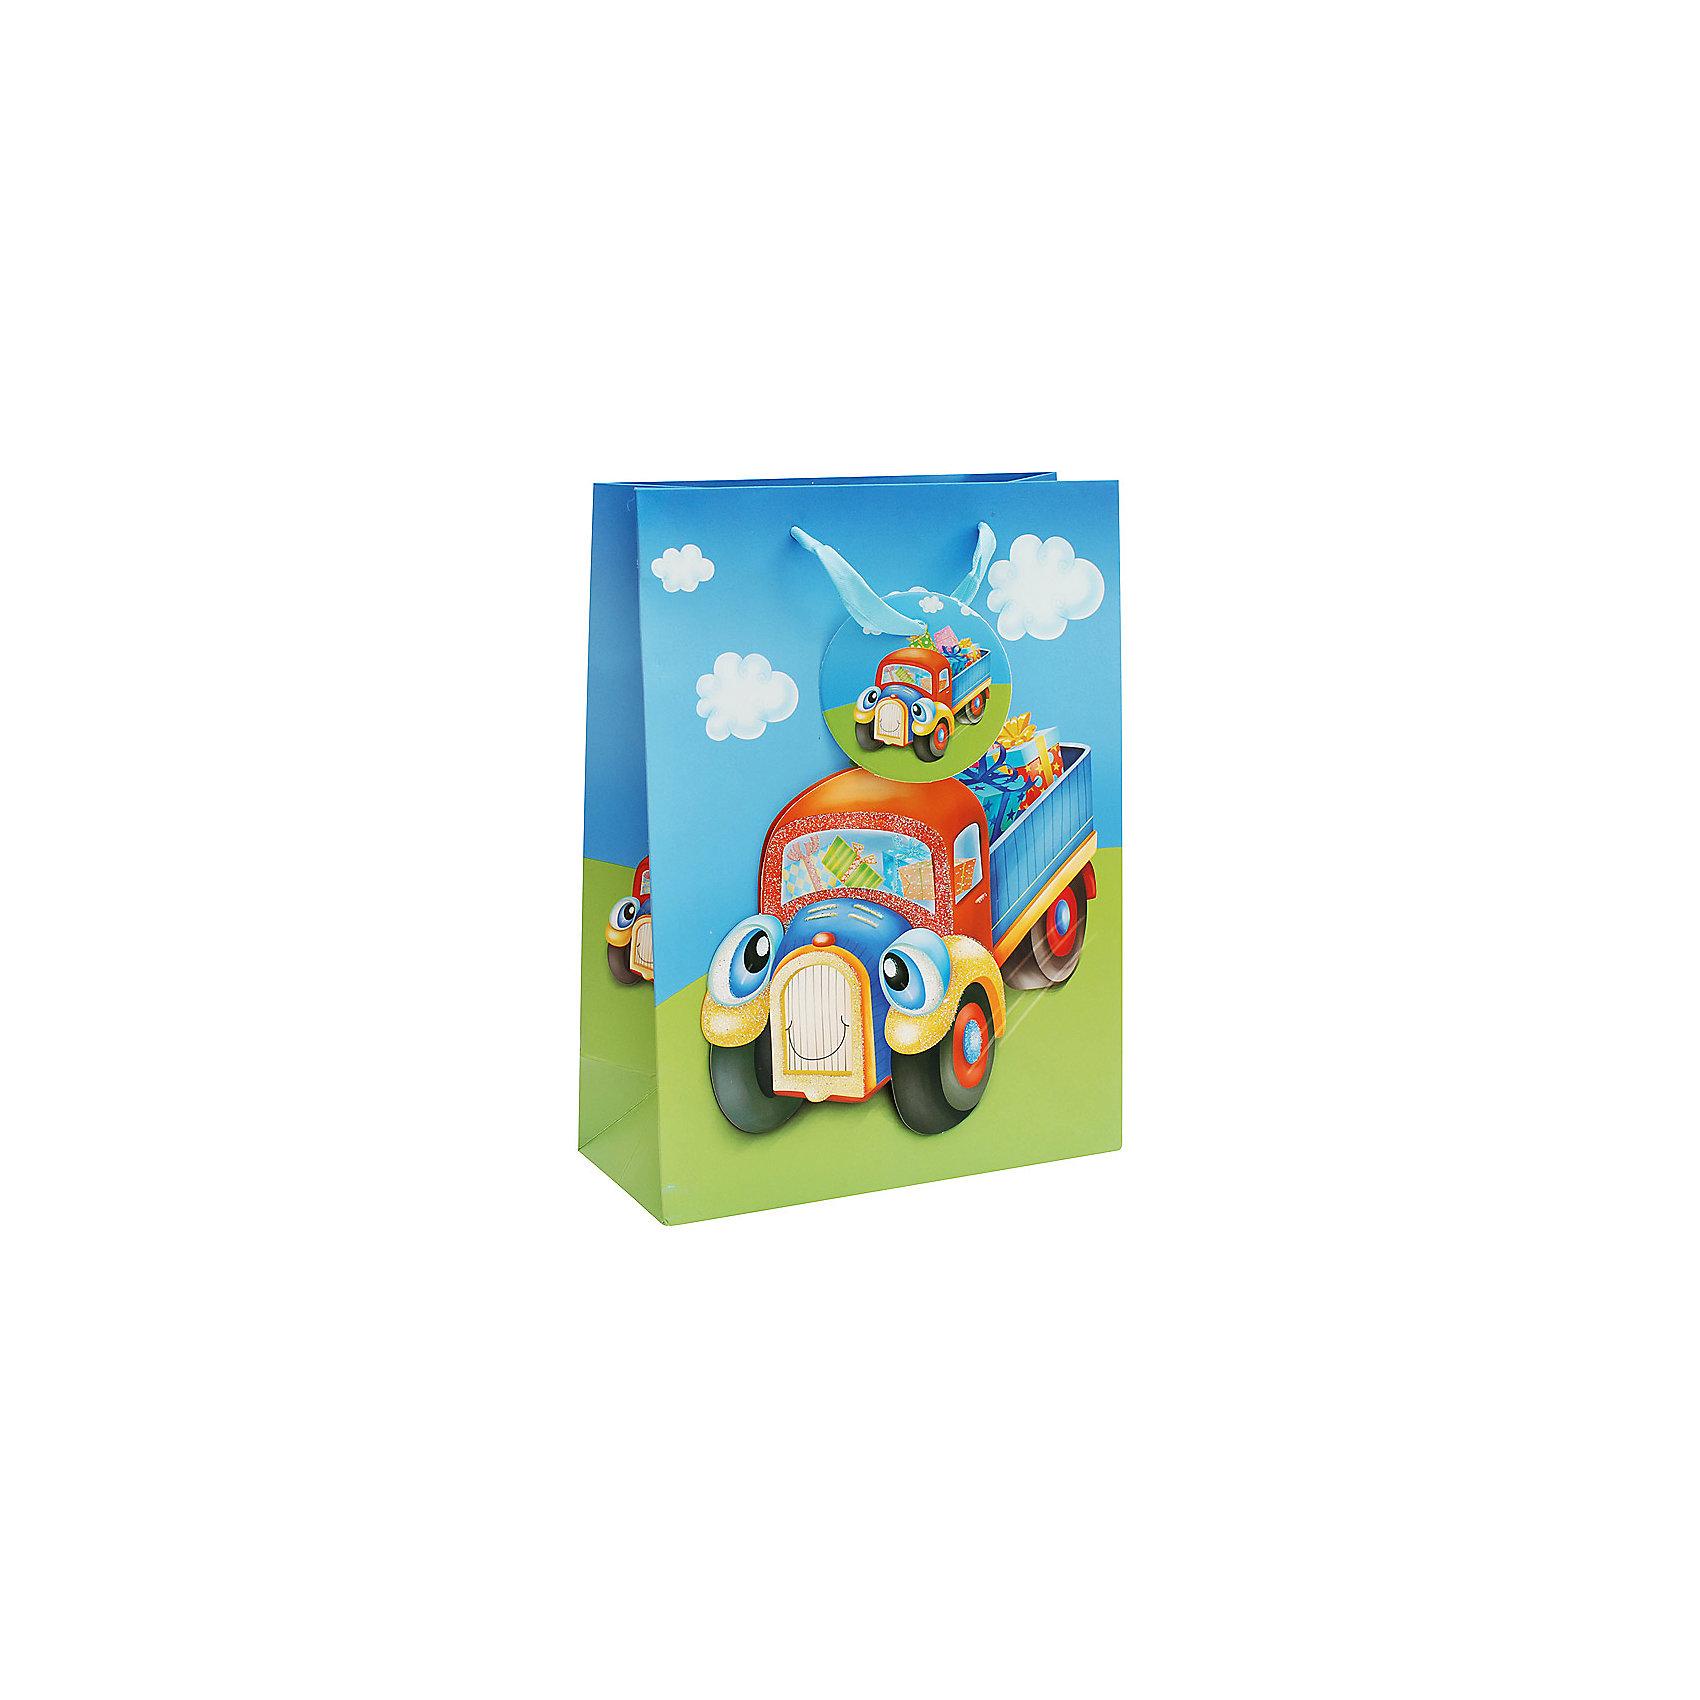 Подарочный пакет Грузовик 18*8*24 смДетские подарочные пакеты<br>Пакет Грузовичок, Белоснежка.<br><br>Характеристики:<br><br>• объемные элементы<br>• яркий дизайн<br>• прочные материалы<br>• состав: бумага<br>• размер: 18х8х24 см<br><br>В выборе подарка большое значение имеет и упаковка. Пакет Грузовичок имеет яркий дизайн и объемные элементы, что непременно произведет впечатление на получателя подарка. На пакете изображен красочный веселый грузовик, везущий подарки. Пакет выполнен из качественной плотной бумаги. Такая упаковка добавит веселья в праздничную атмосферу!<br><br>Вы можете купить пакет Грузовичок в нашем интернет-магазине.<br><br>Ширина мм: 240<br>Глубина мм: 180<br>Высота мм: 80<br>Вес г: 40<br>Возраст от месяцев: 72<br>Возраст до месяцев: 144<br>Пол: Женский<br>Возраст: Детский<br>SKU: 5089598